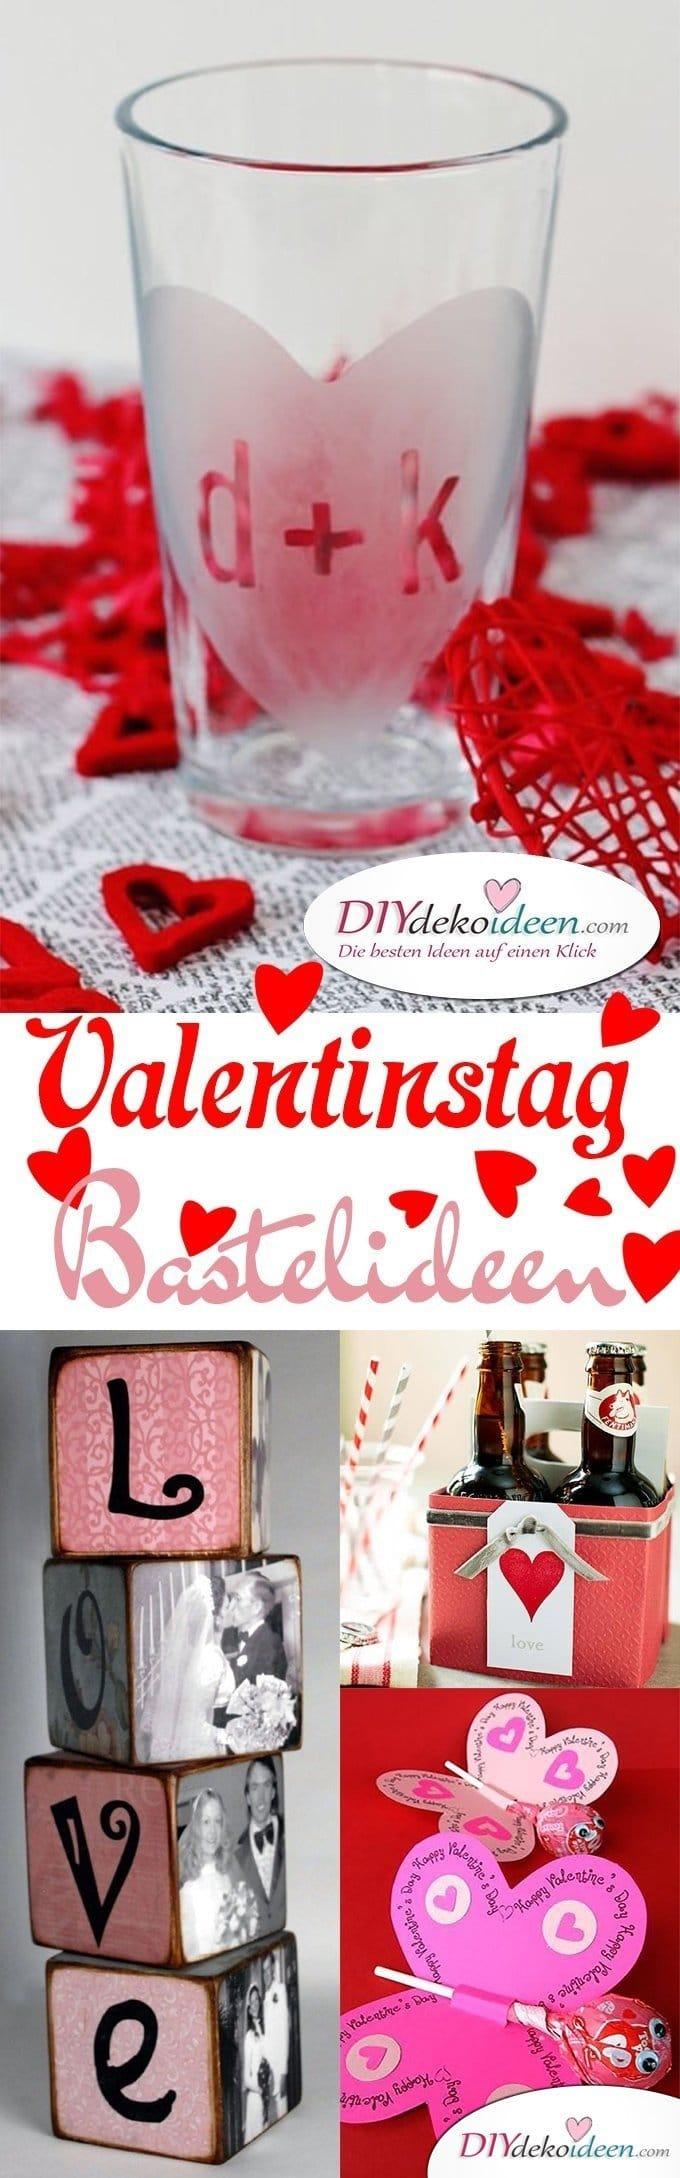 DIY Valentinstag Bastelideen für Karten, Deko und Geschenke, Valentinstag basteln, Valentinstag Bastelideen, Valentinstag Karten, Valentinstag Deko, Valentinstag dekorieren